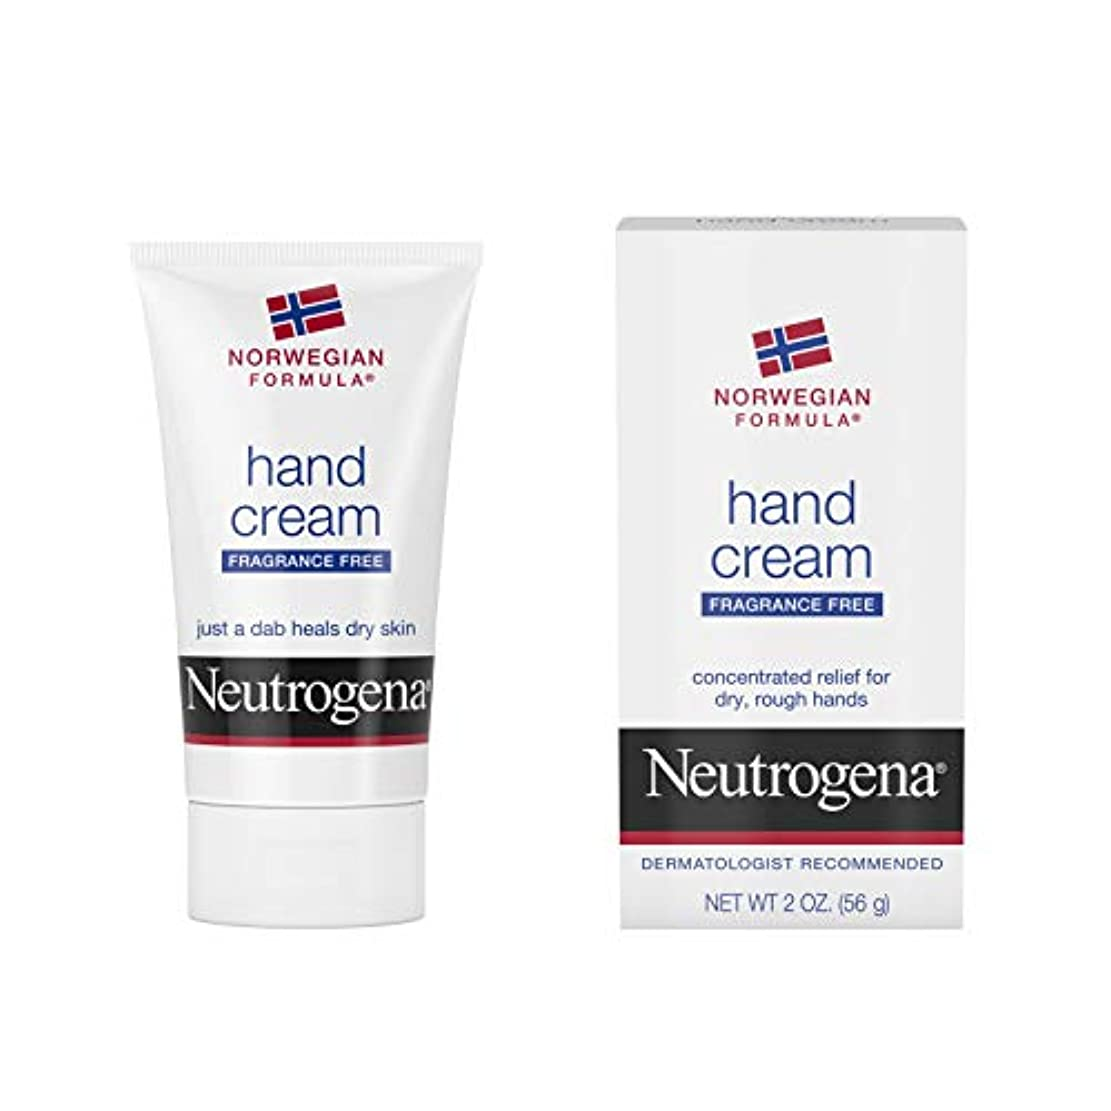 本土モロニック原稿Neutrogena Norwegian Formula Hand Cream Fragrance-Free 60 ml (並行輸入品)